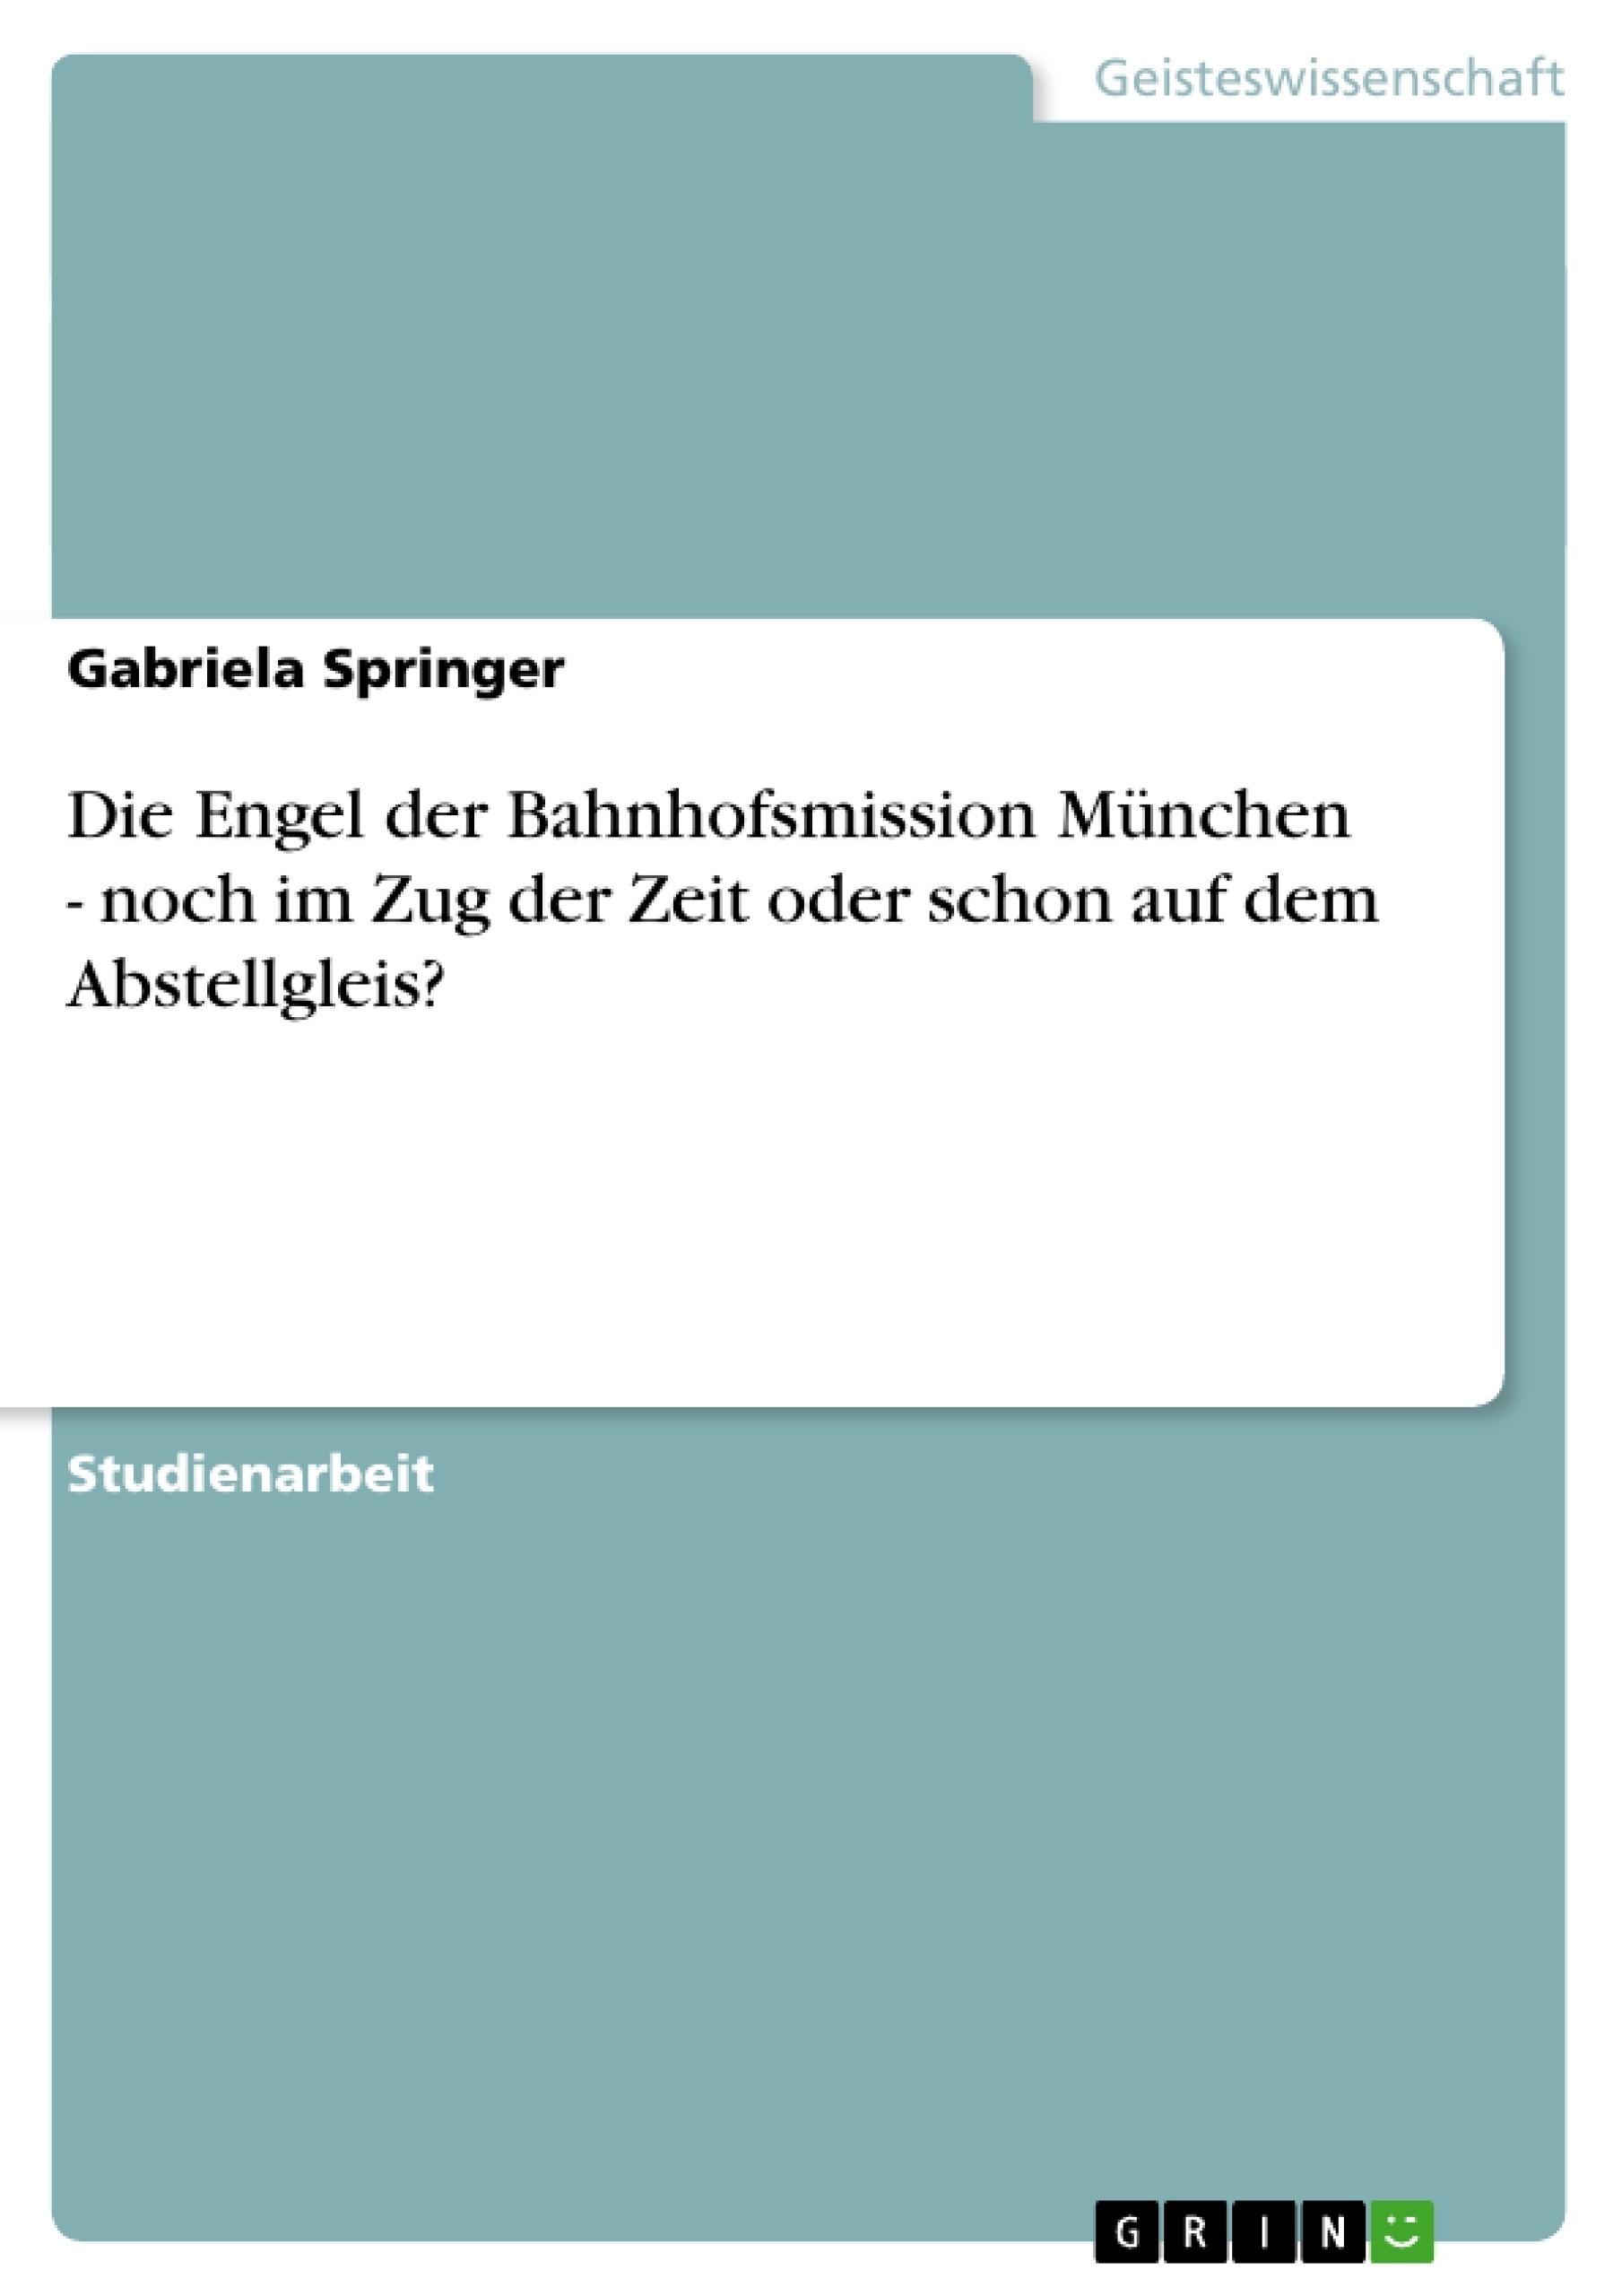 Titel: Die Engel der Bahnhofsmission München - noch im Zug der Zeit oder schon auf dem Abstellgleis?